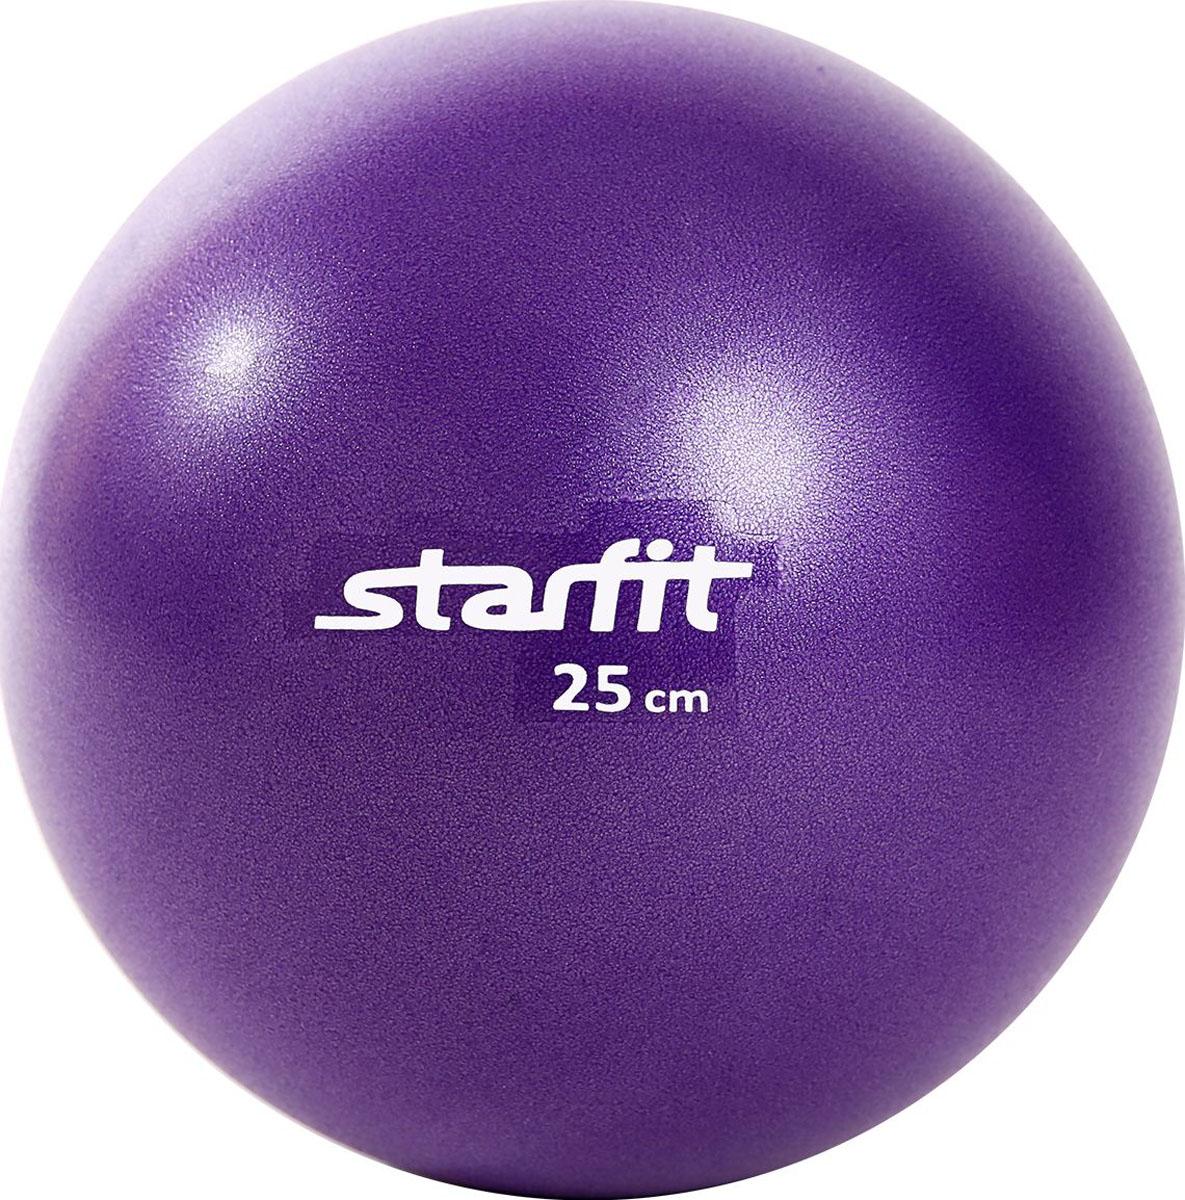 Мяч для пилатеса Starfit GB-901, цвет: фиолетовый, диаметр 25 см мяч для фитнеса starfit мяч для пилатеса фиолетовый